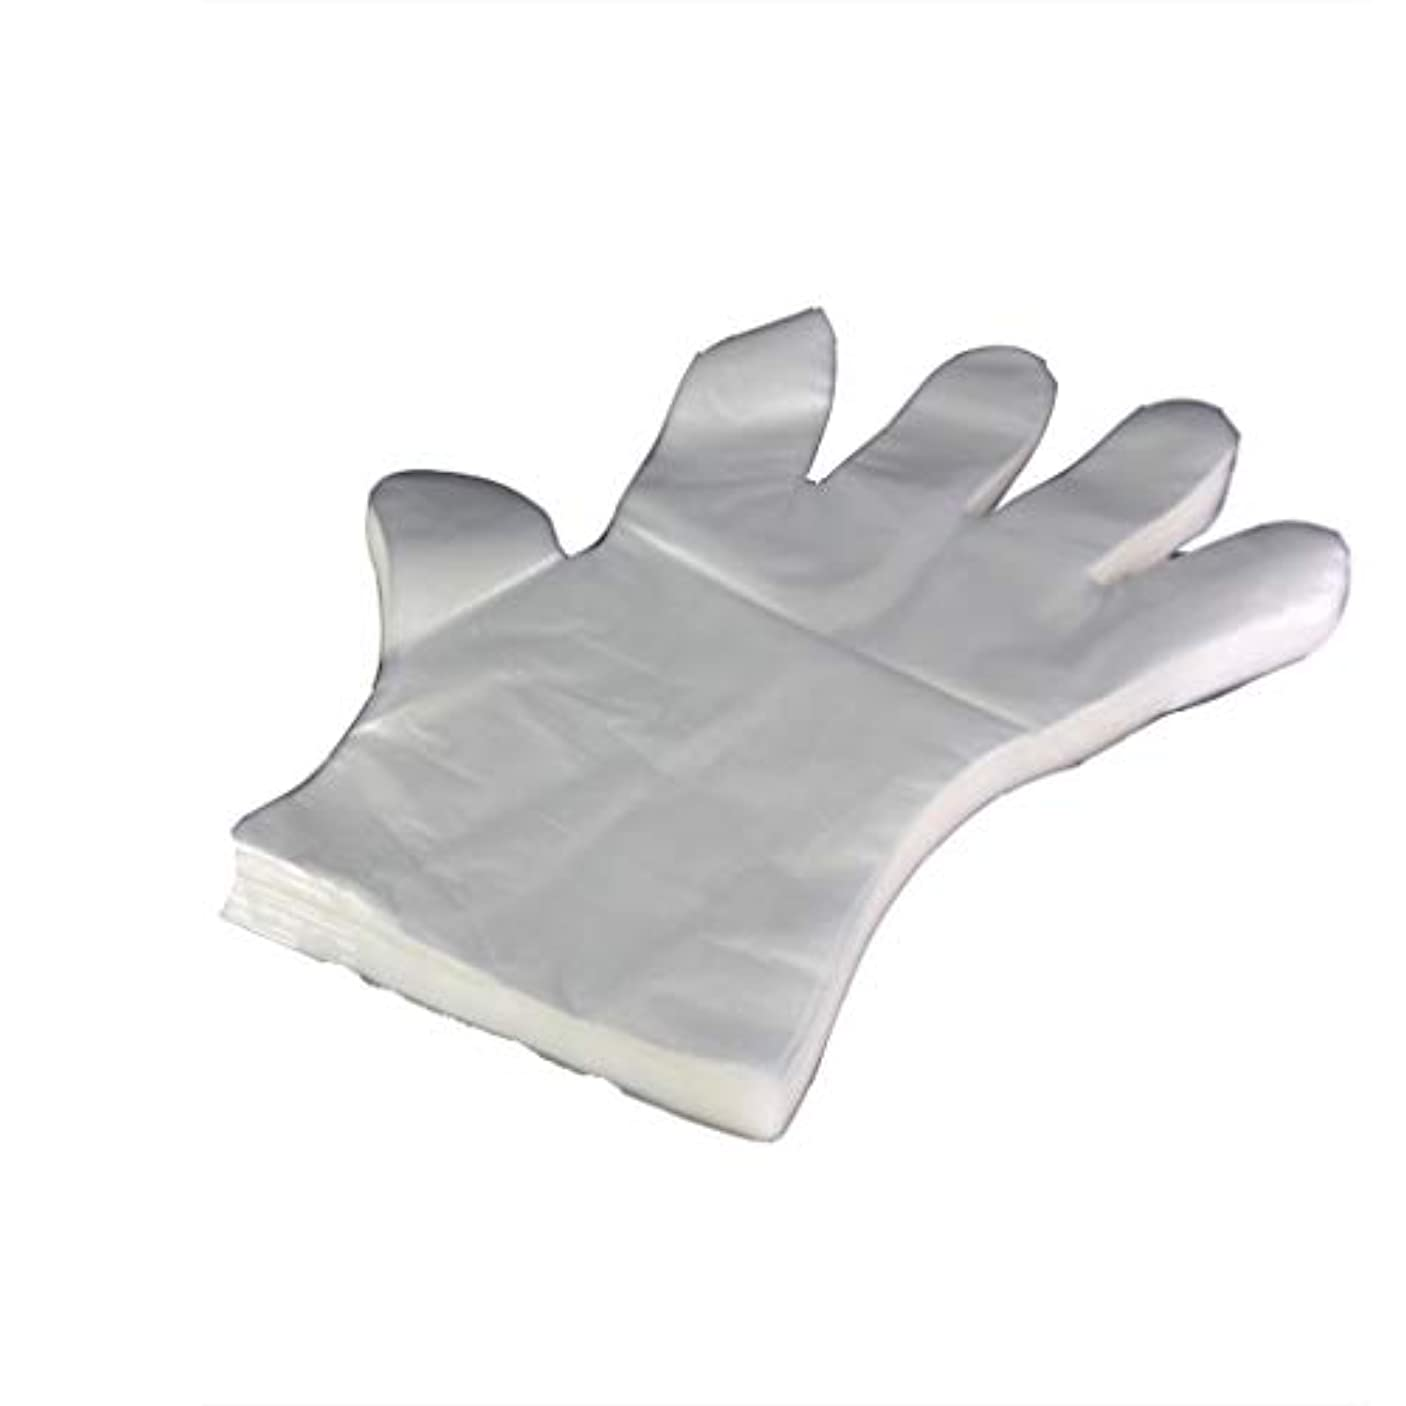 使い捨て手袋PEフィルムプラスチック化粧グローブフィルム透明増粘200袋 (UnitCount : 200only)